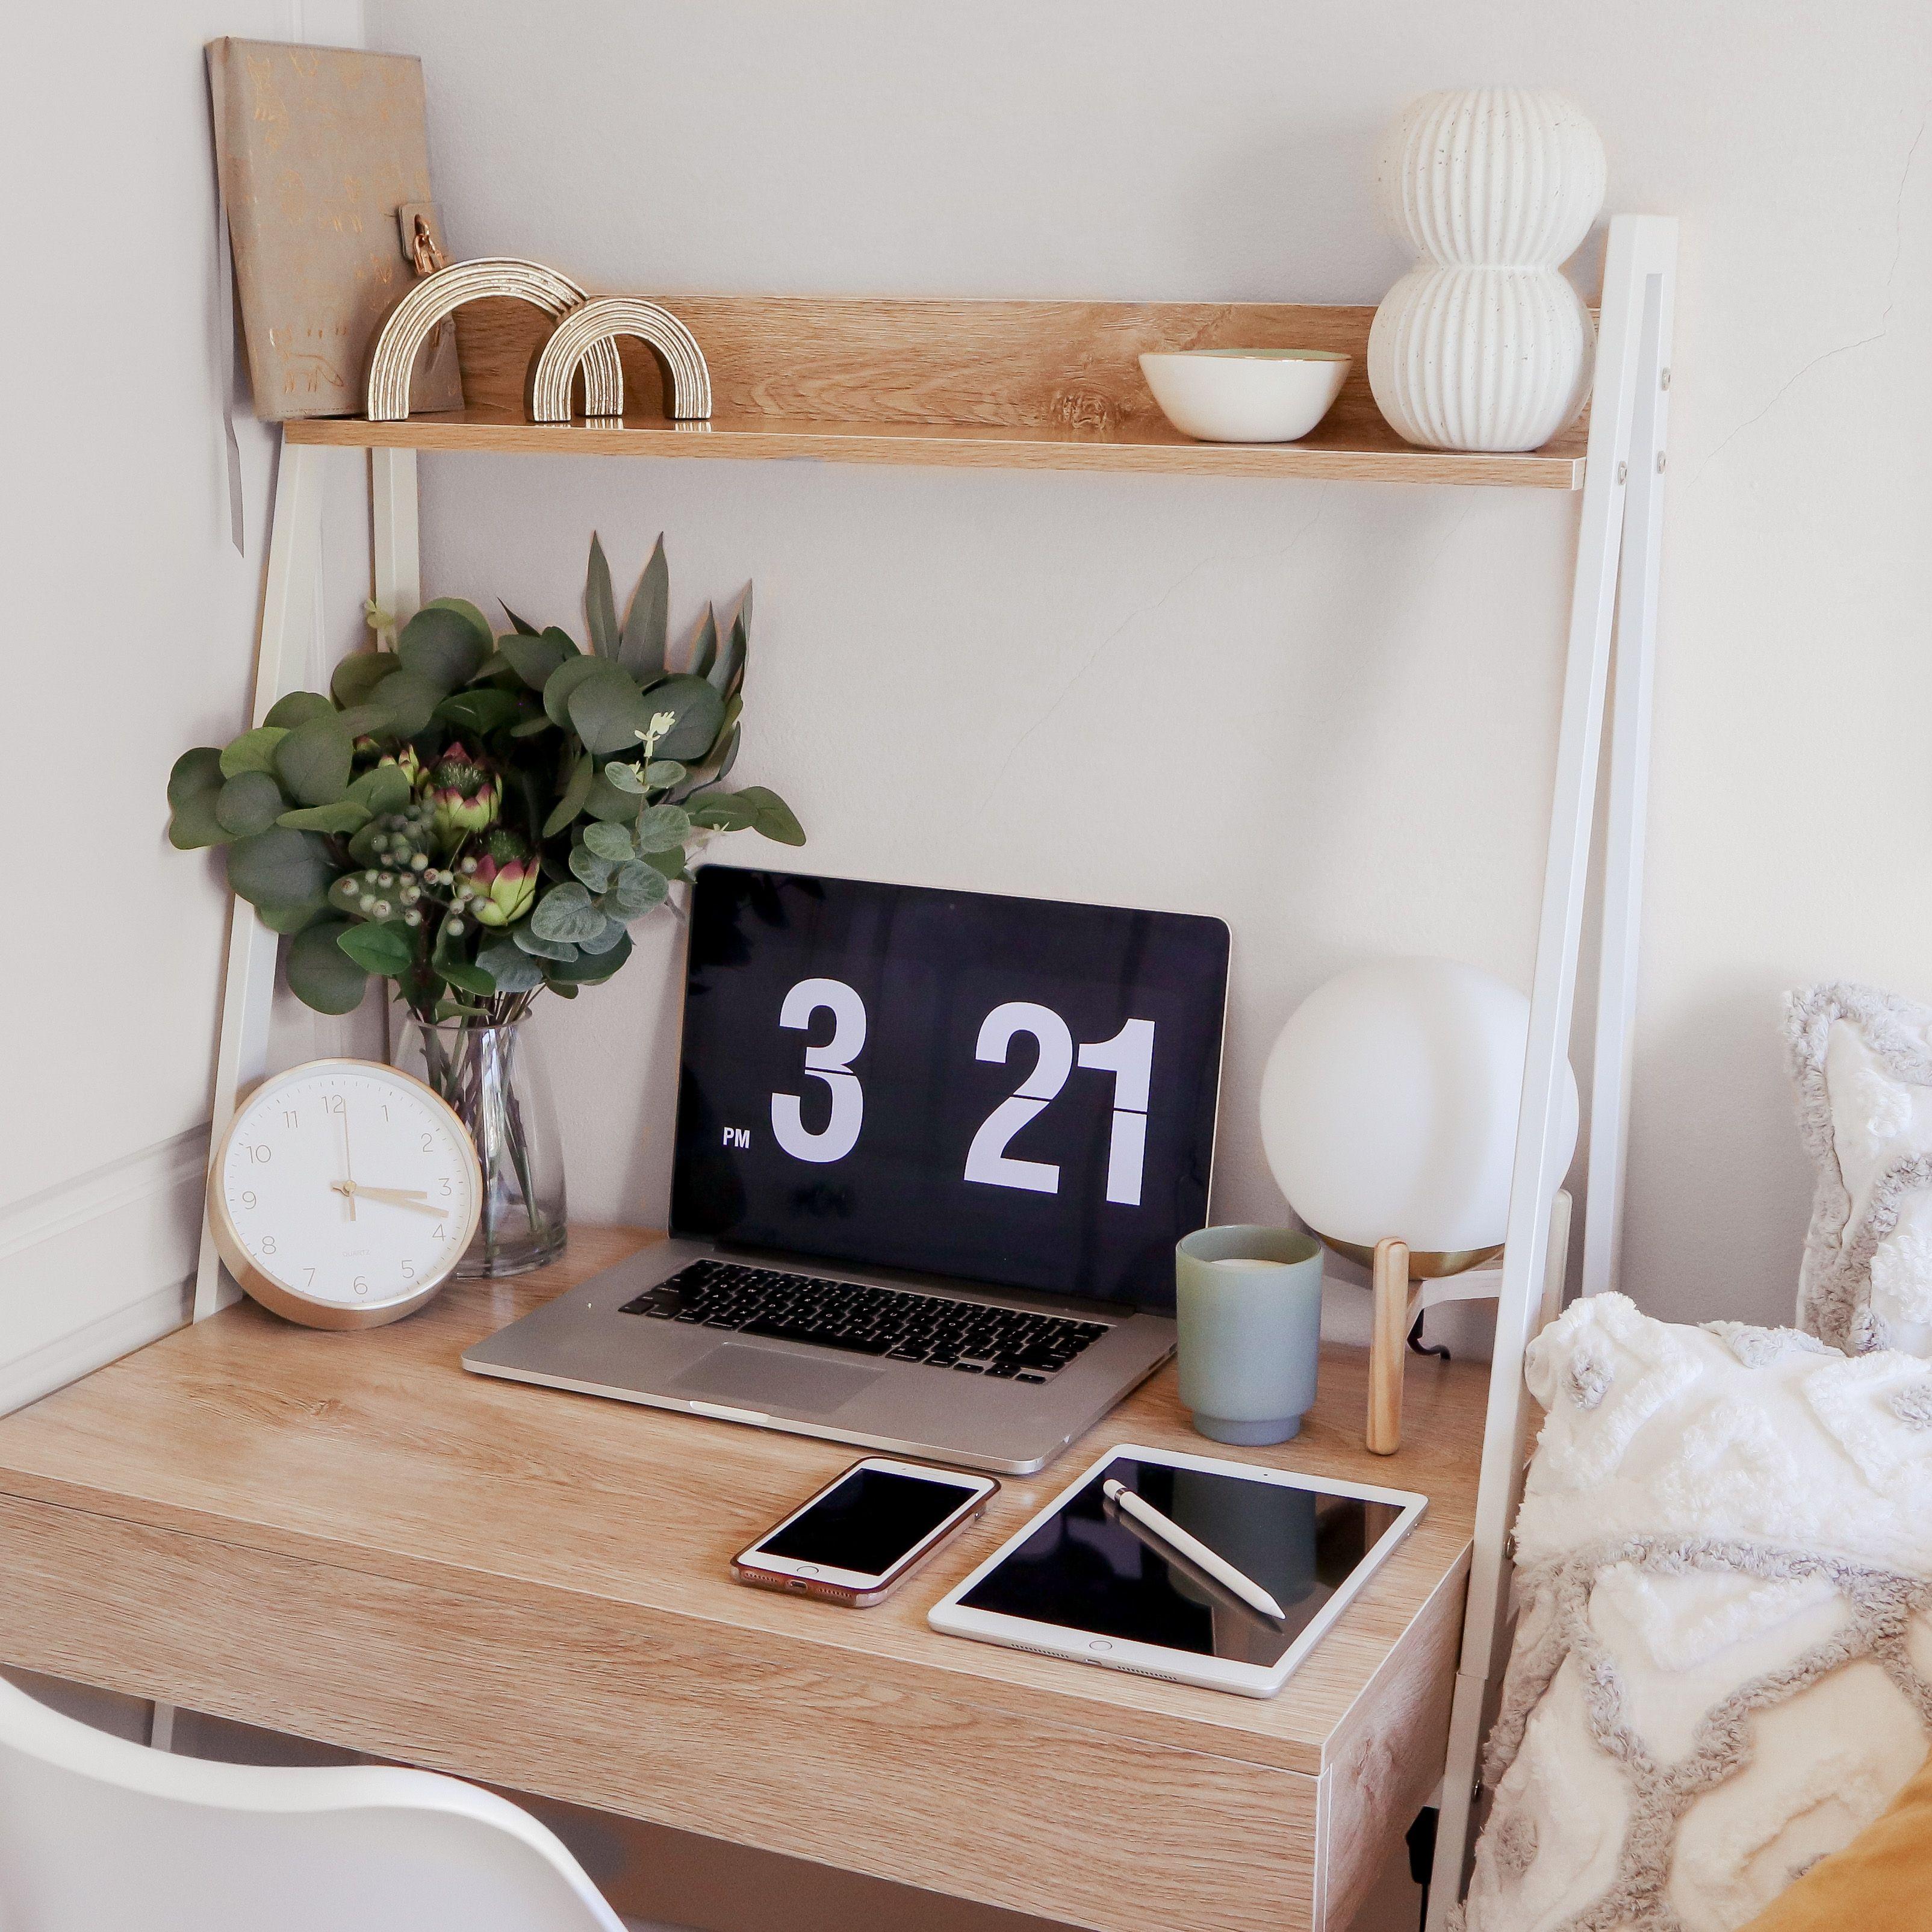 Home Deskdecor Ideas: Desk Setup Inspiration In 2020